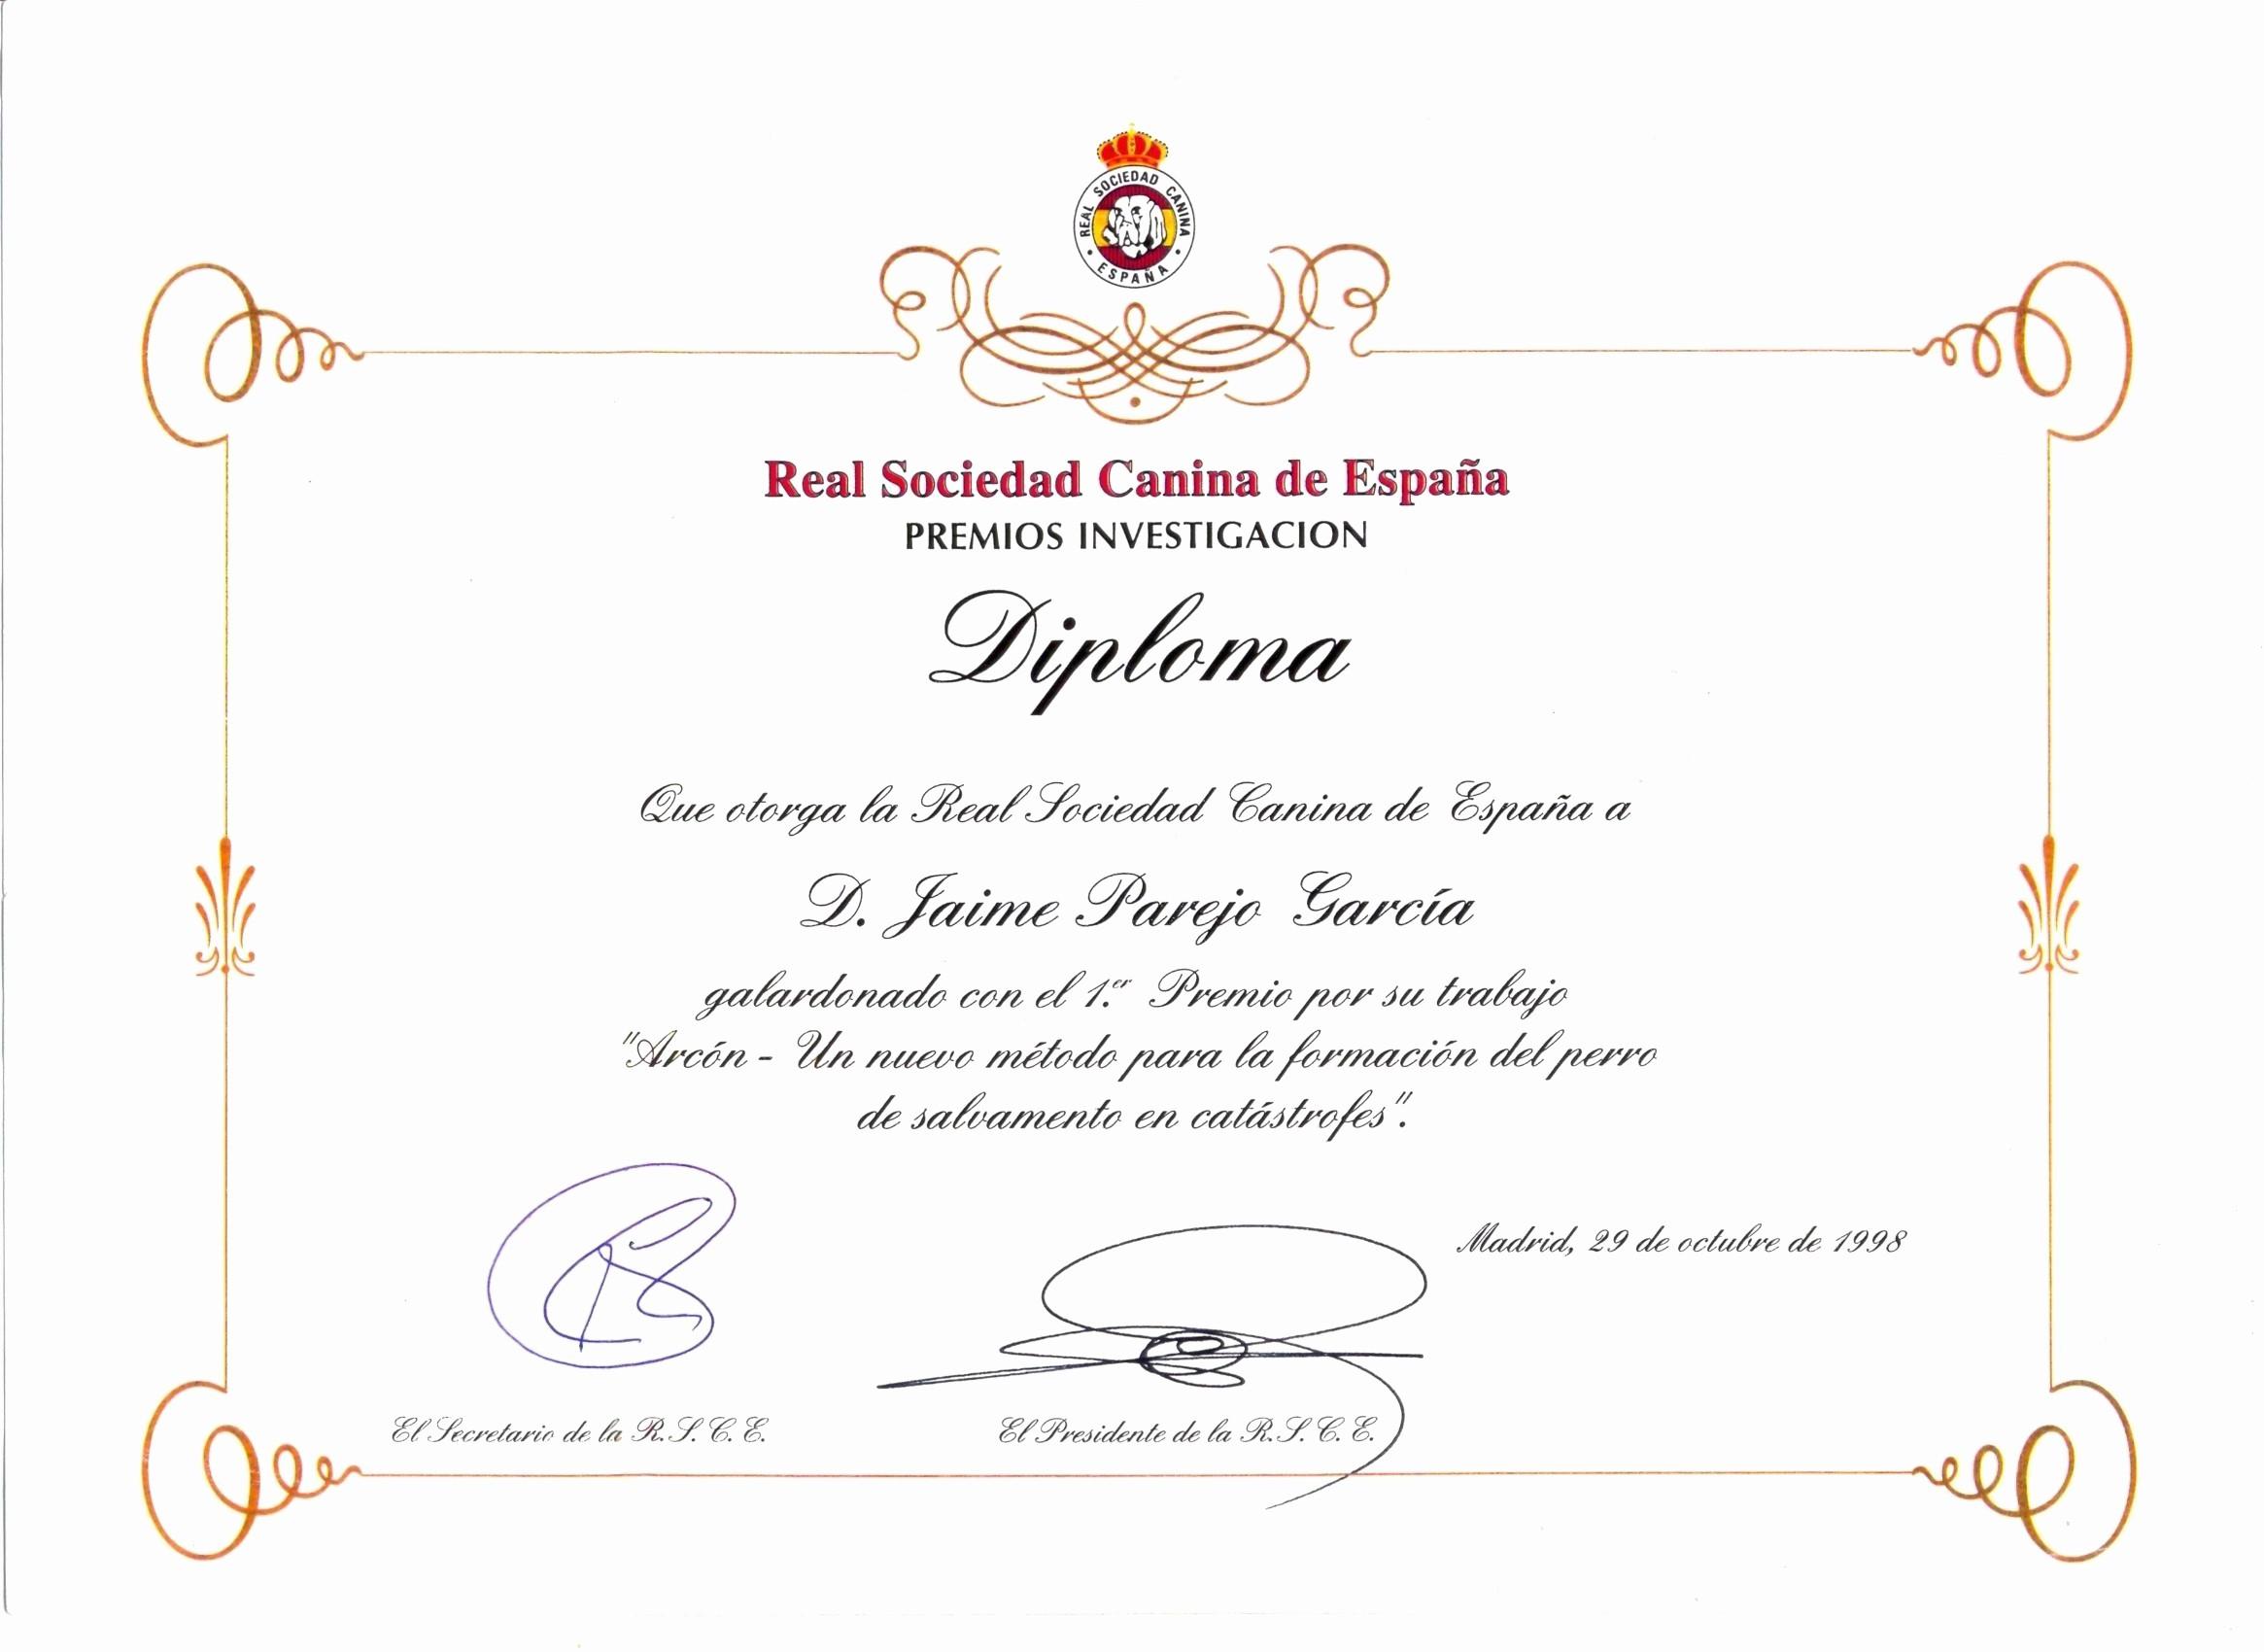 Ejemplos De Certificados De Reconocimiento Lovely Ejemplo De Diploma De Reconocimiento Imagui